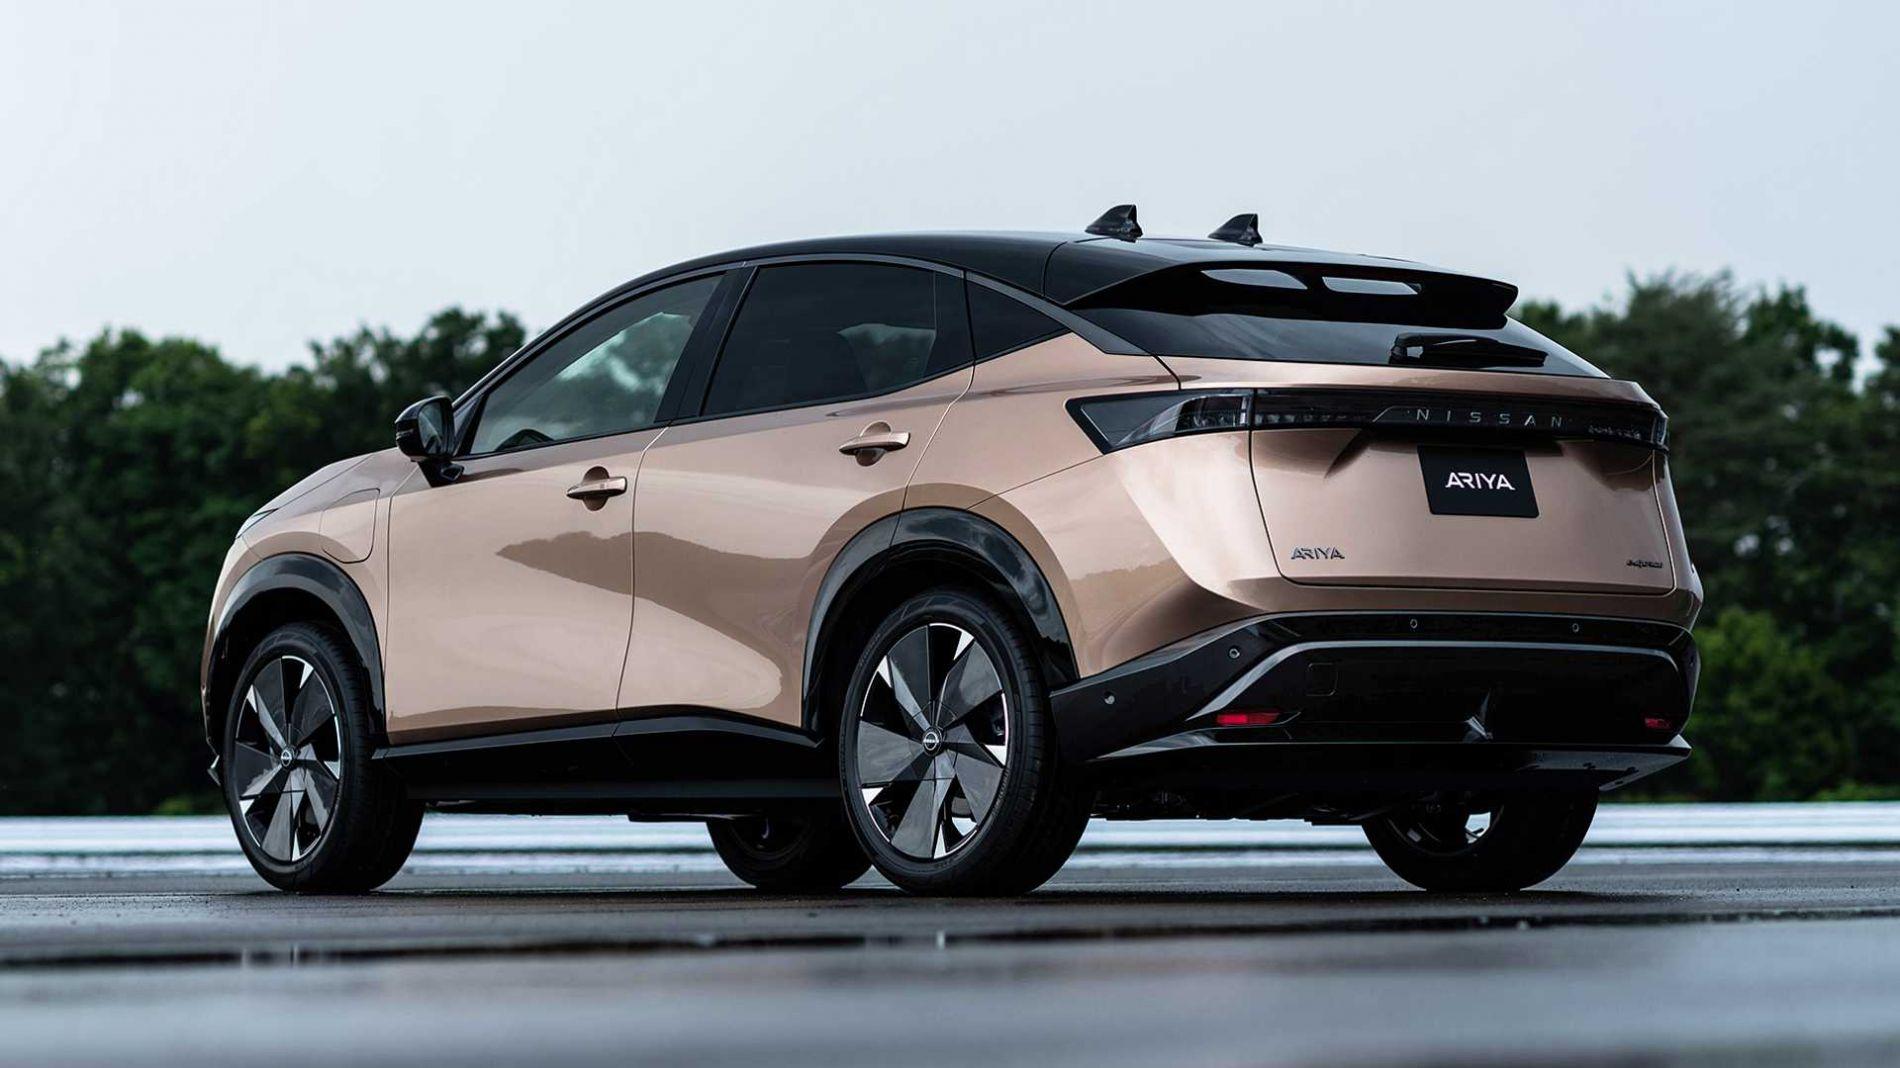 2021 Nissan Ariya - პირველი ელექტრო კროს-კუპე